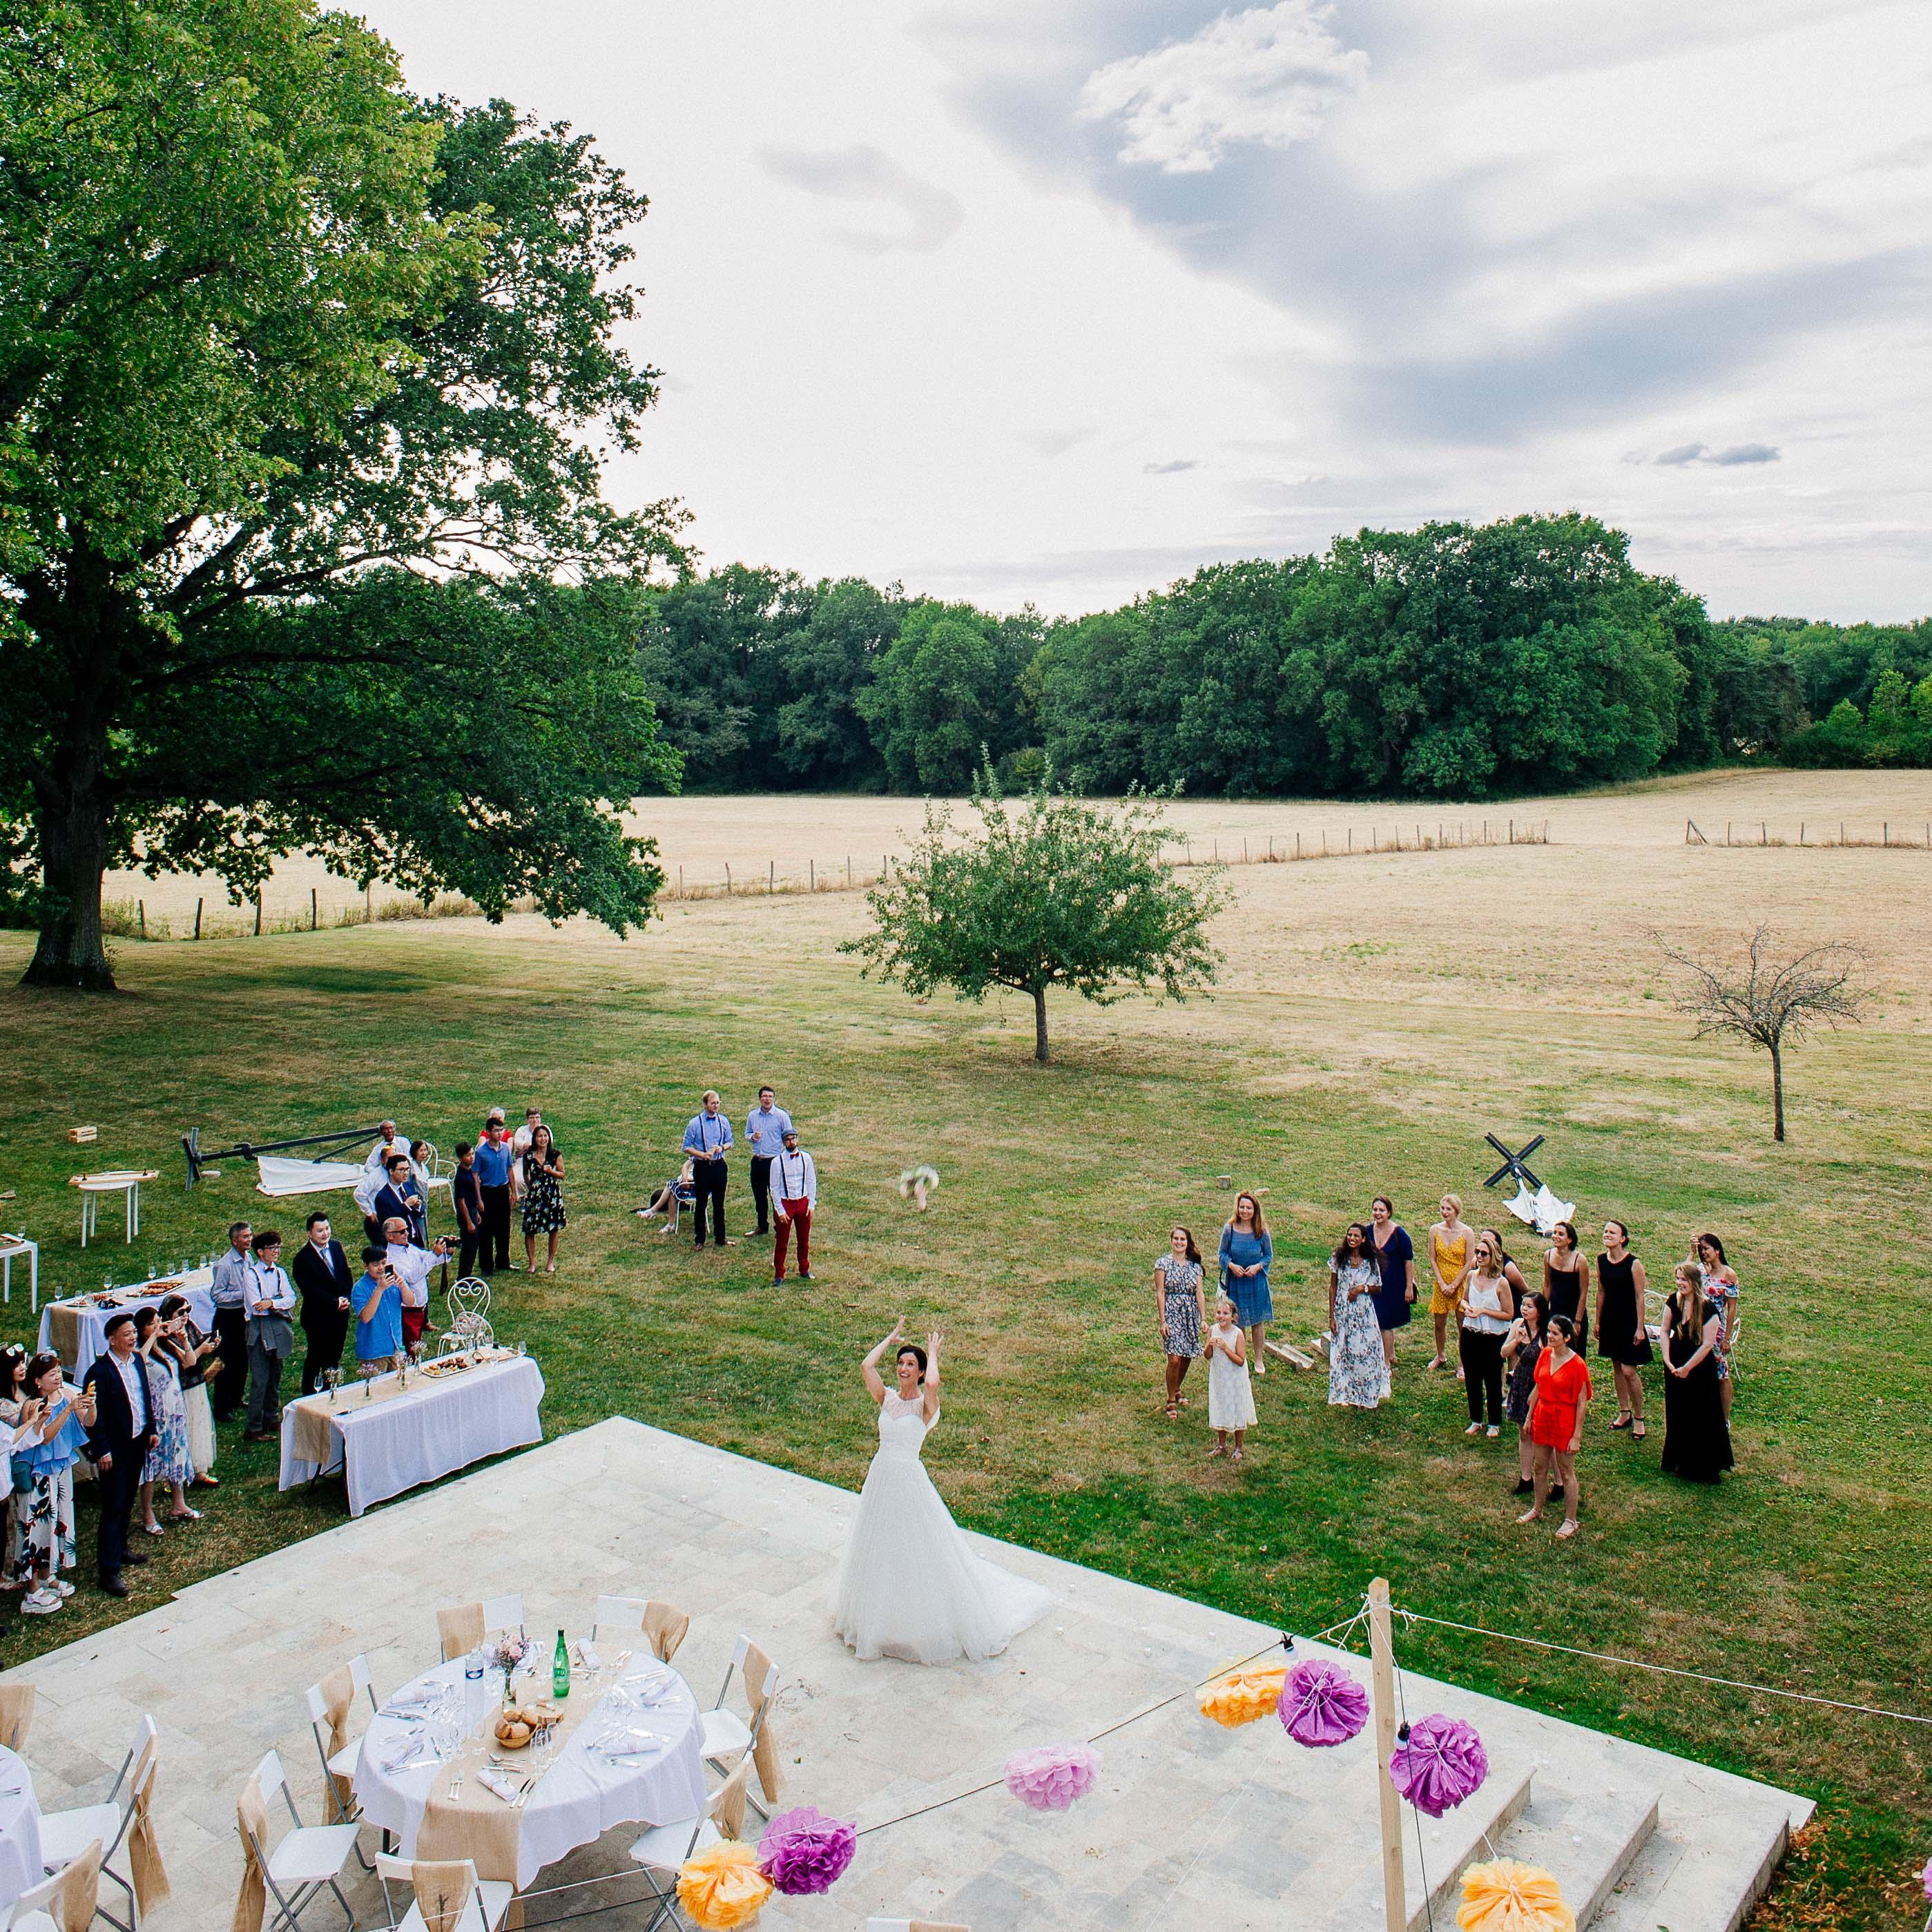 Photographe de mariage en Bourgogne - Lancé du bouquet de la mariée dans les jardins du château de Monfort | Wedding photographer in Burgundy